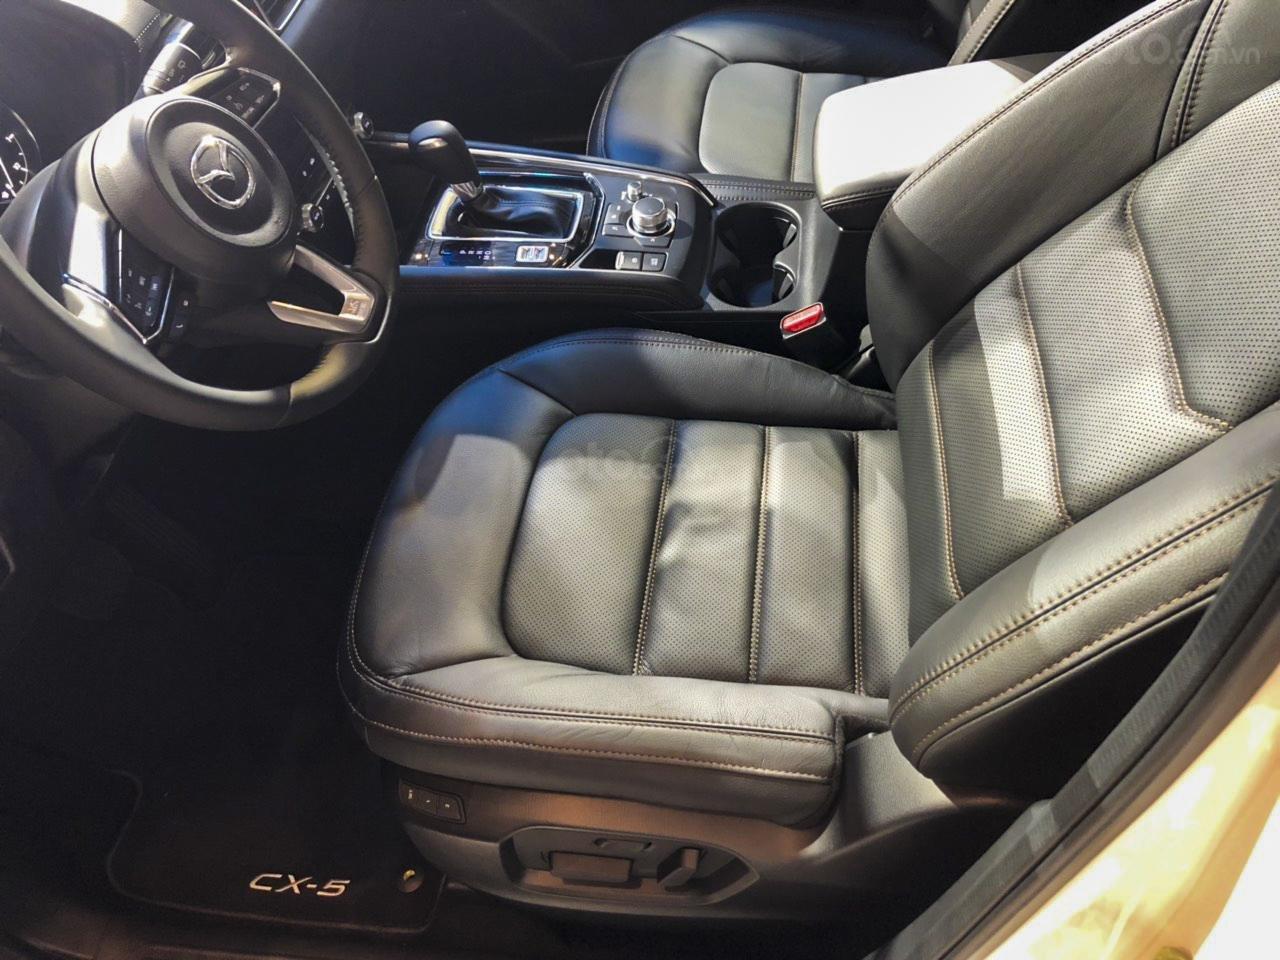 Đánh giá xe Mazda CX-5 2019: Ghế ngồi đều được bọc da với tính năng nhớ ghế và chỉnh điện cho người lái.